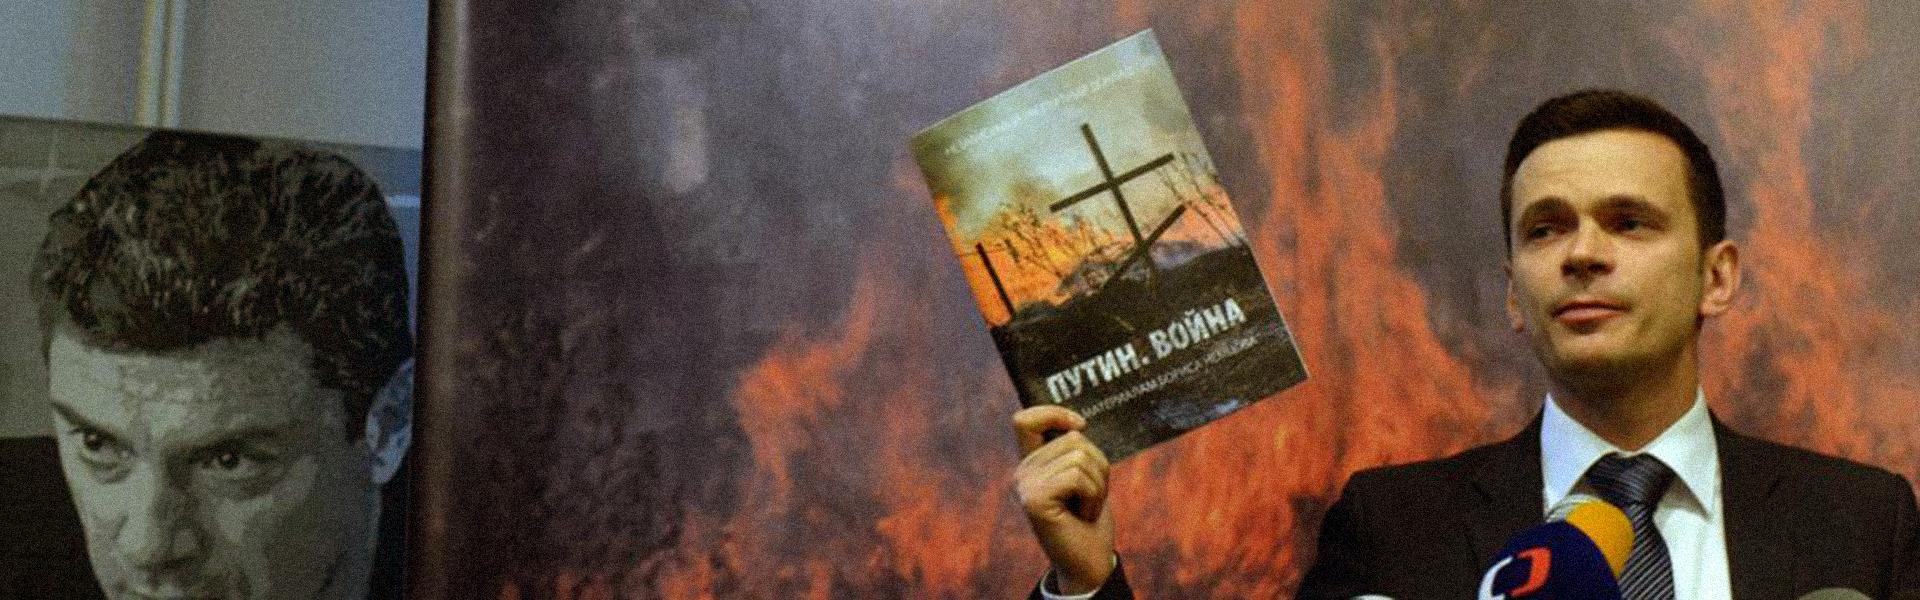 Илья Яшин — Кадыров и легализованный экстремизм.